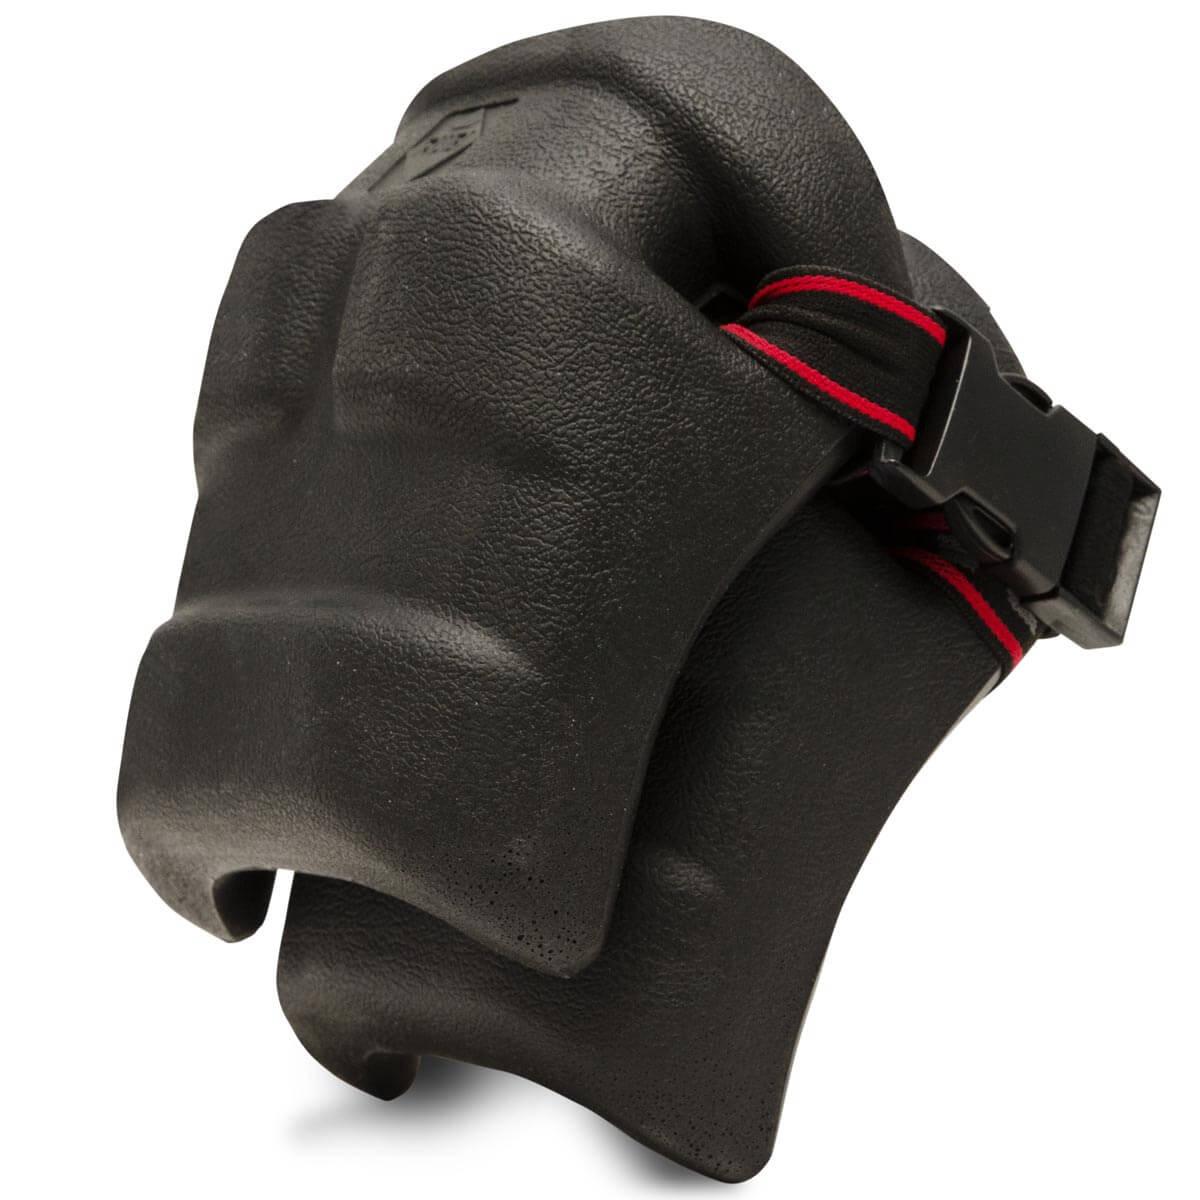 65915 Rubi Tools Knee pads pair